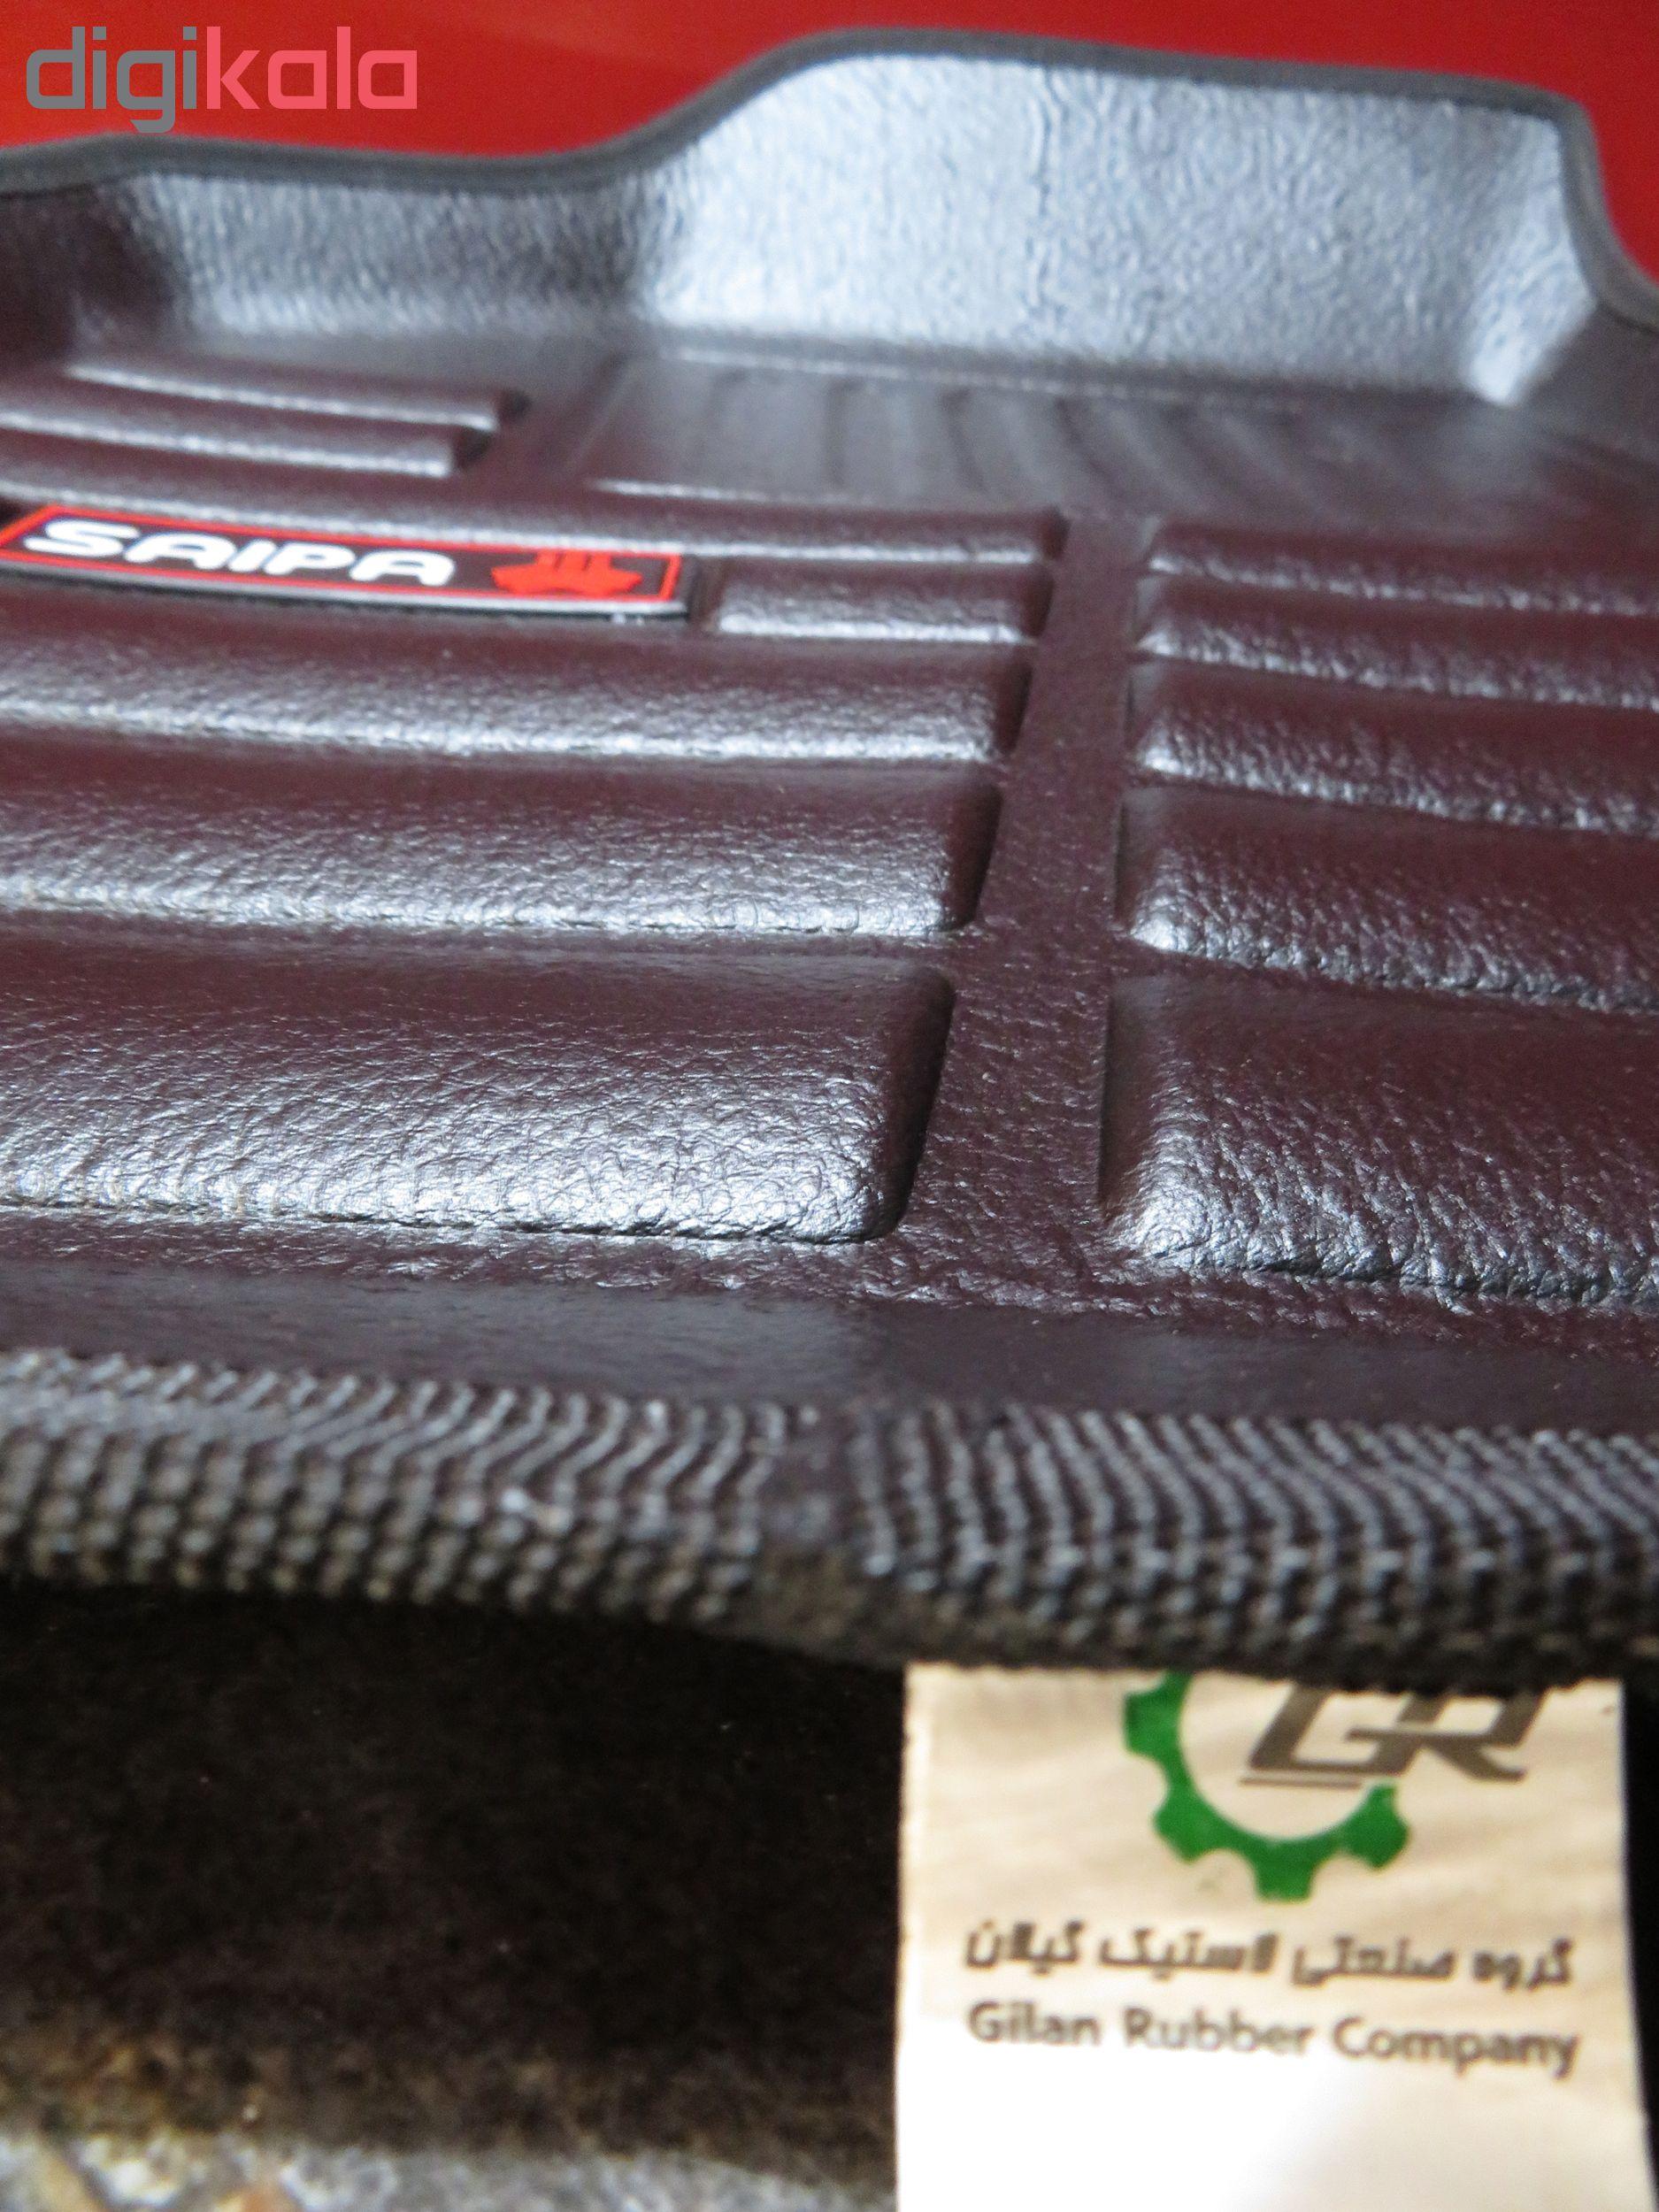 کفپوش سه بعدی خودرو لاستیک گیلان مدل sa مناسب برای ساینا و تیبا